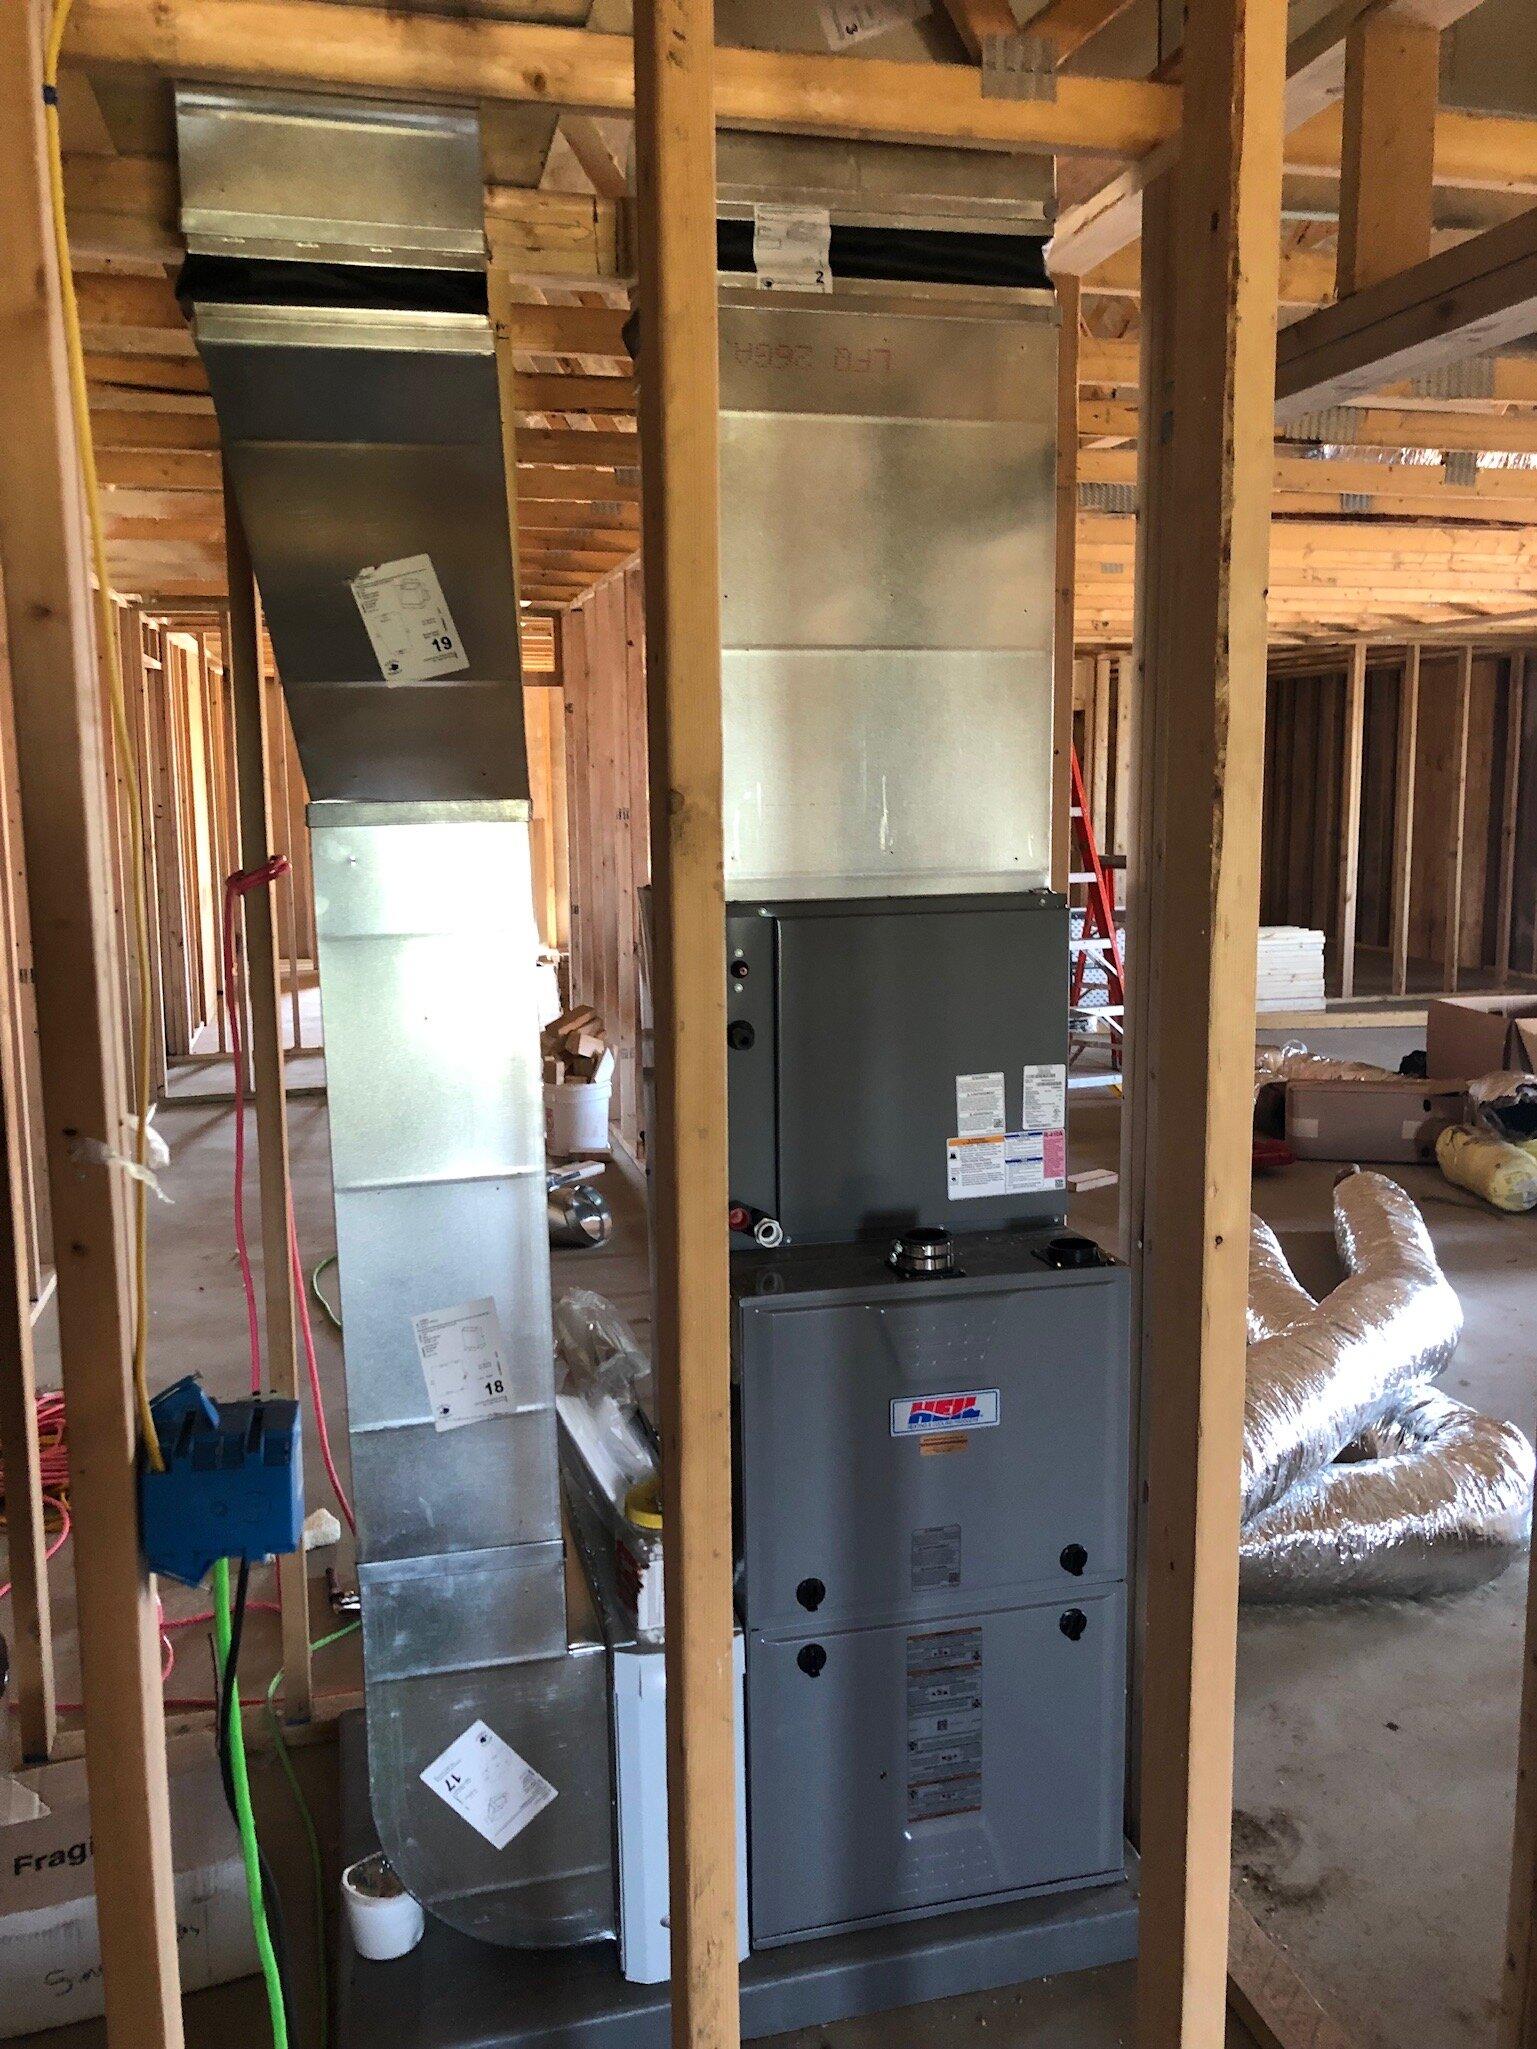 9/5/19: HVAC system installed